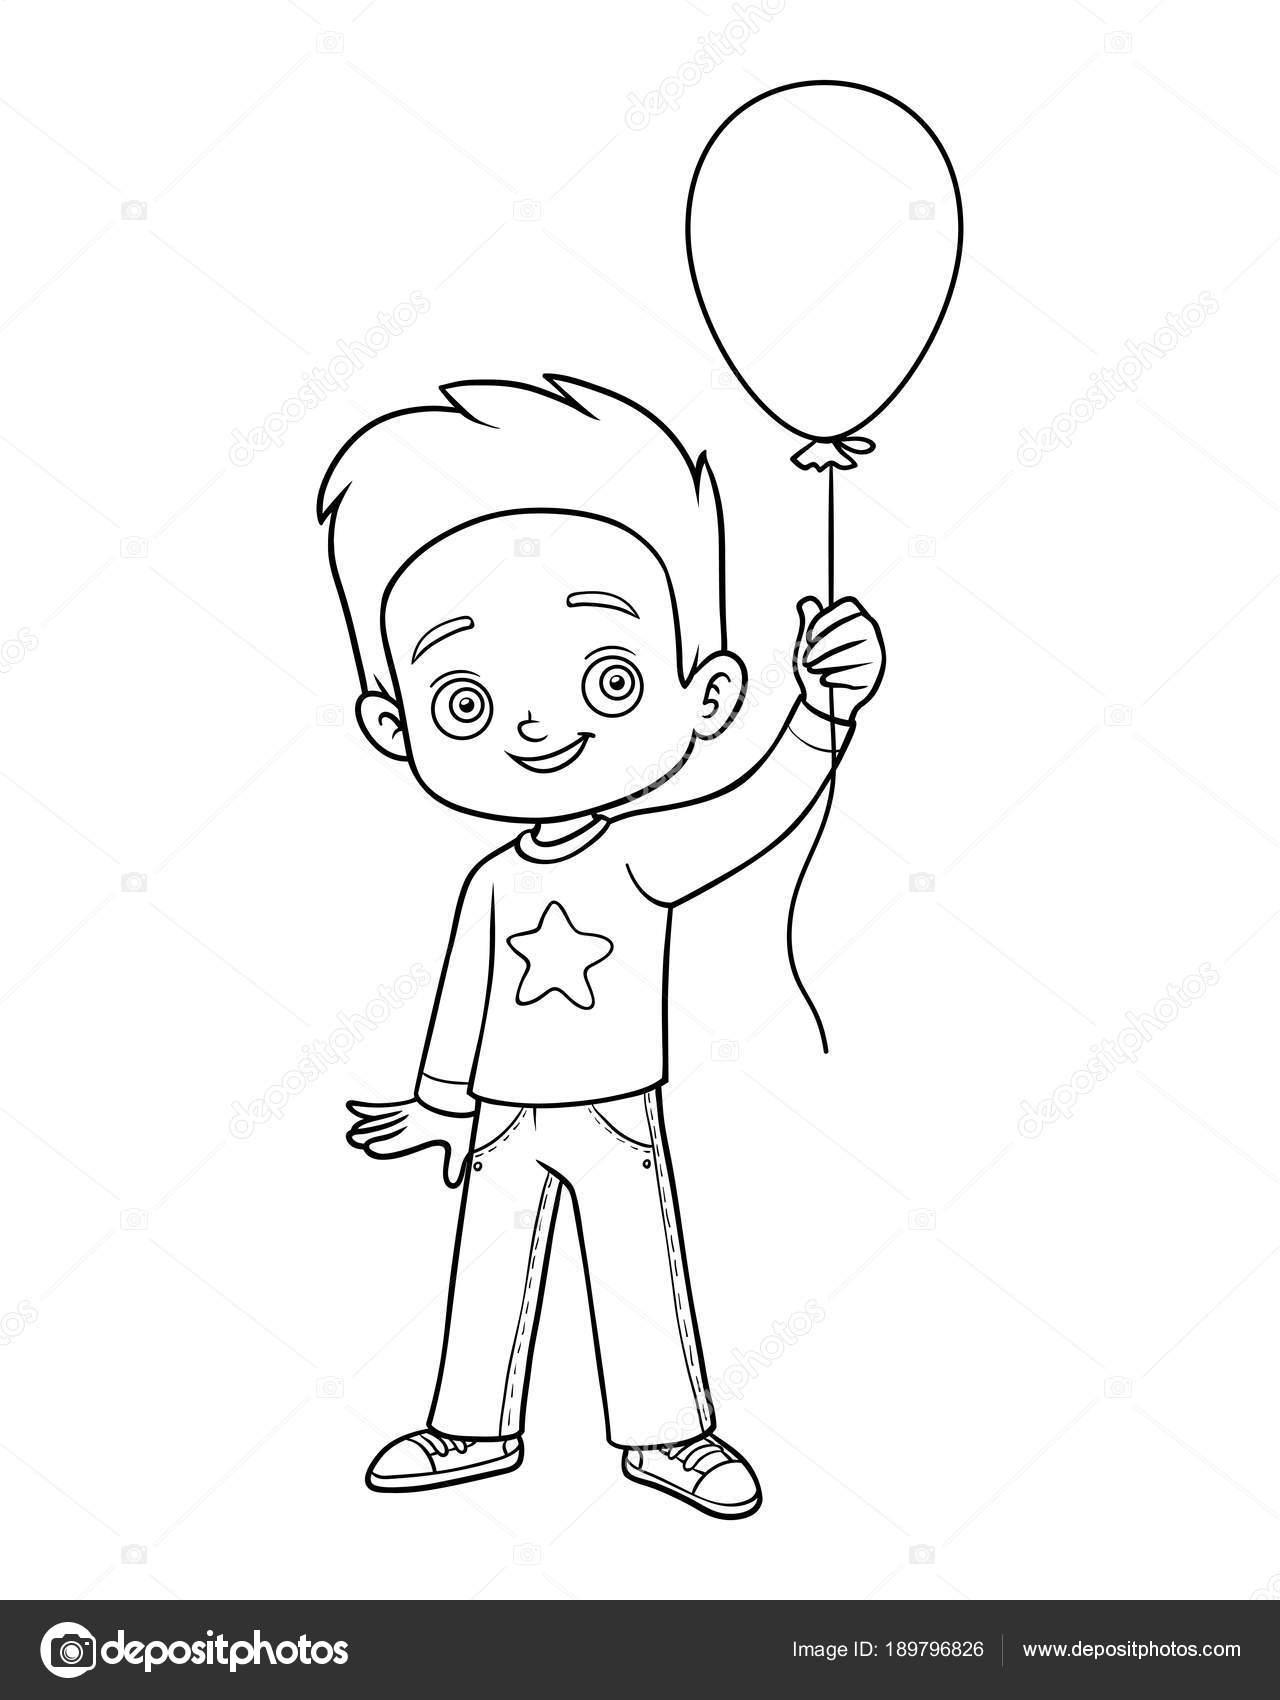 Coloring book, Boy and balloon — Stock Vector © ksenya_savva #189796826